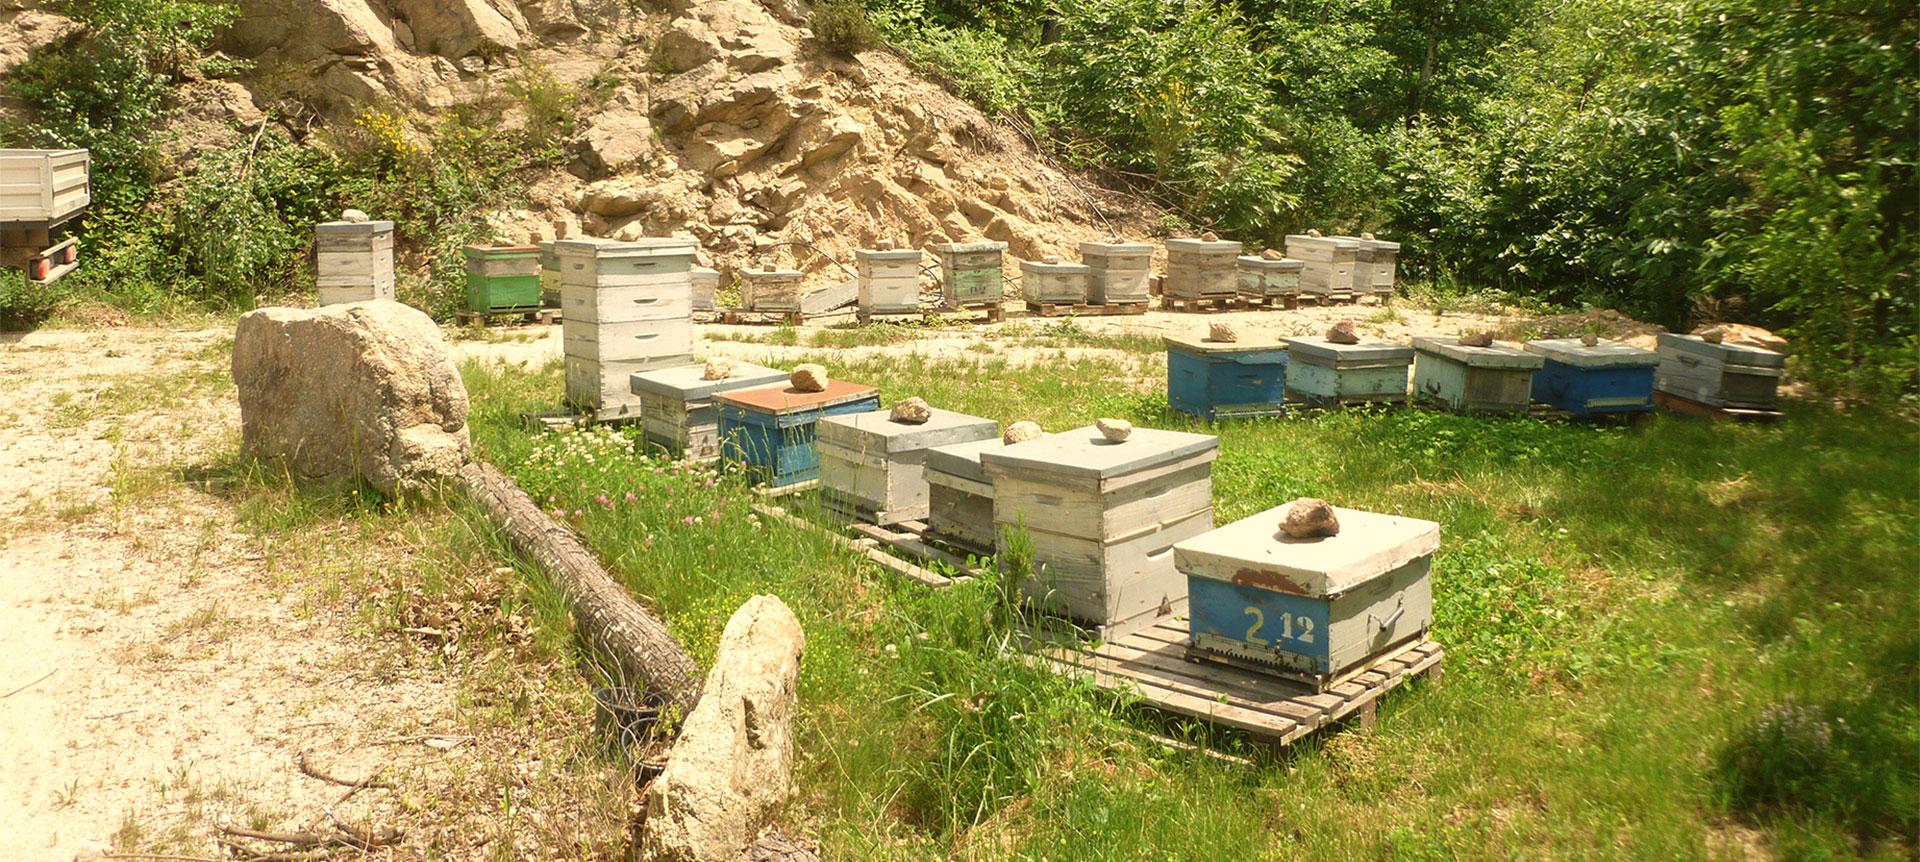 Apiculture ruches dans les Pyrénées Orientales 66